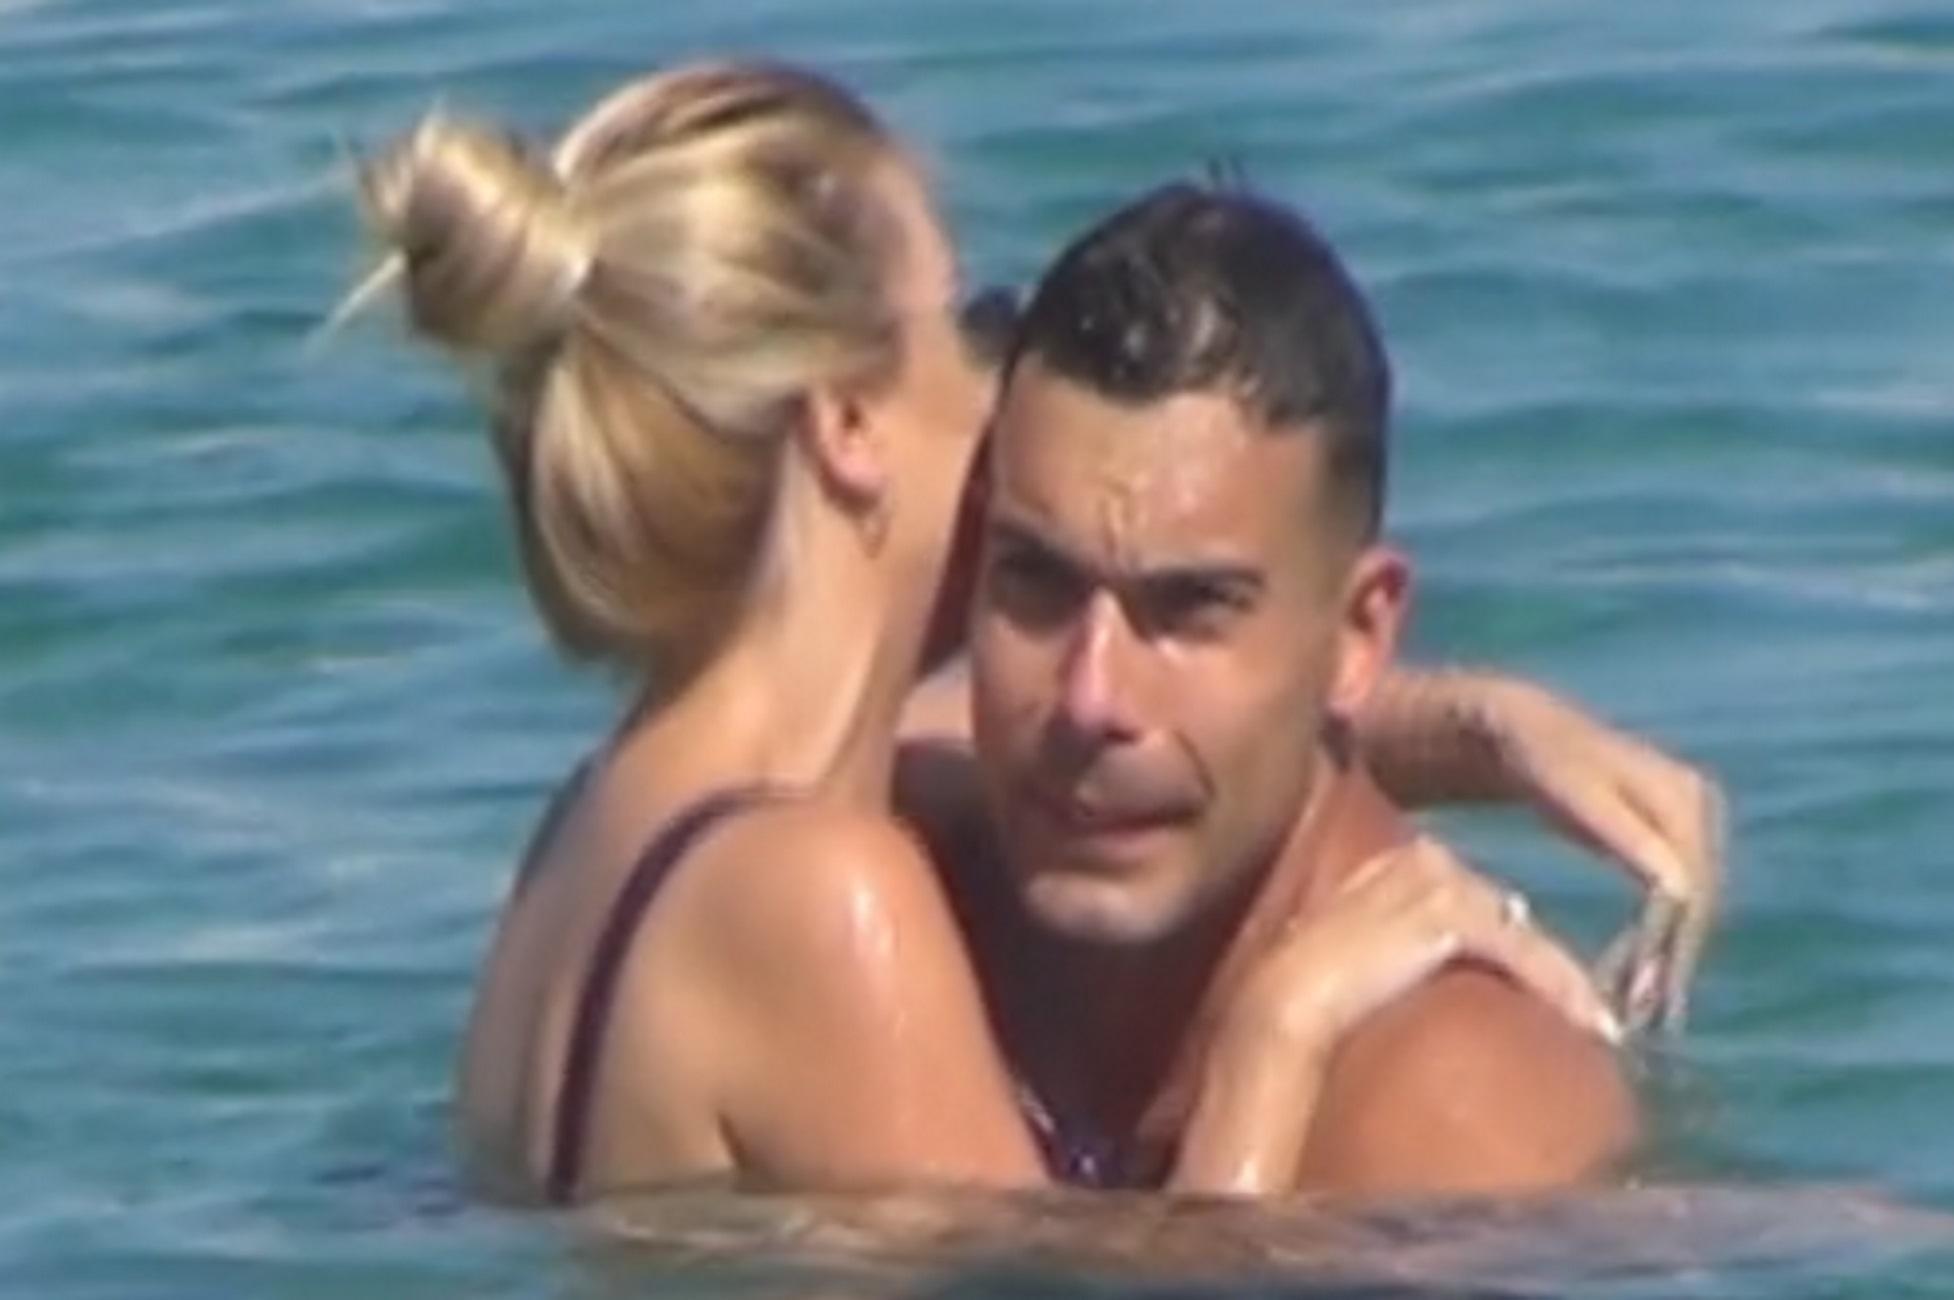 Μύκονος: Ο Κώστας Σλούκας full in love με την σύζυγό του – Οι παπαράτσι δεν τους άφησαν σε ησυχία